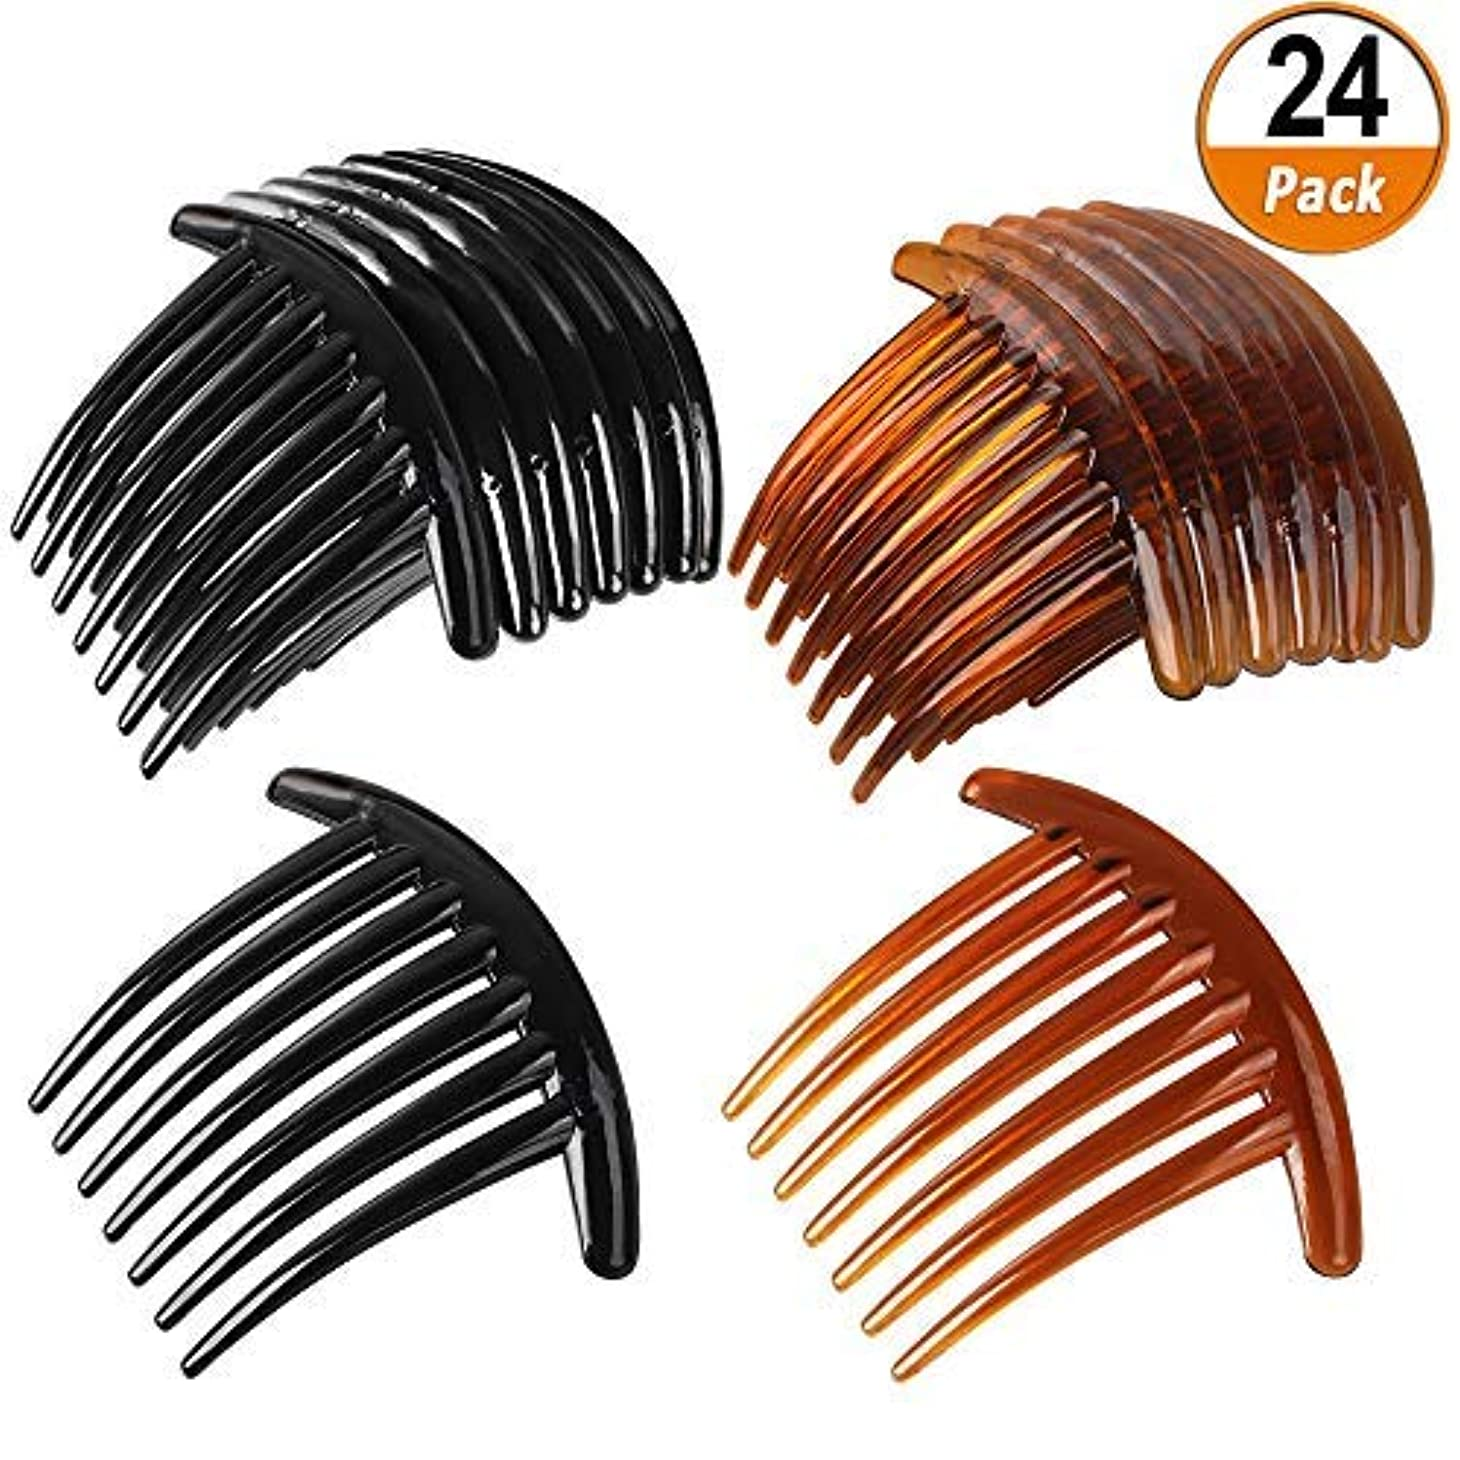 密輸魅惑的な狂気24 PCS 7 Tooth French Twist Comb Plastic Hair Clip Hair Side Combs Hair Accessory for Women Girls (Black and Brown...